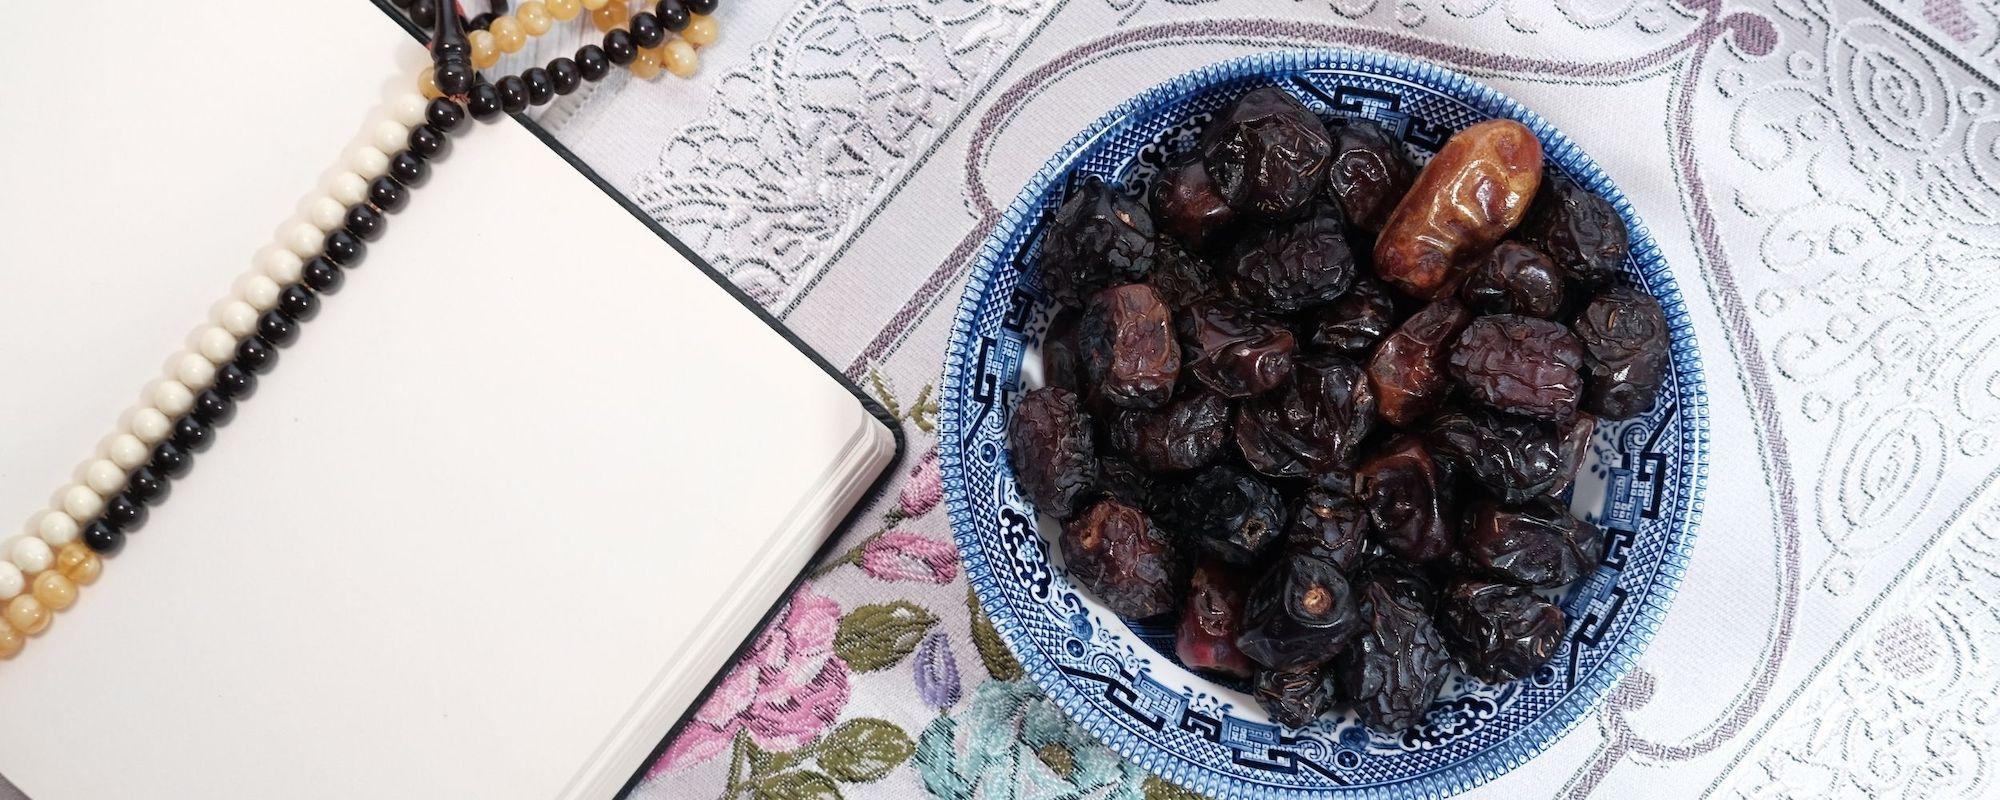 Menyambut Ramadhan 2021, Dompet Bisa Aman Gak Ya? Bisa Dong, Ini Tipsnya.